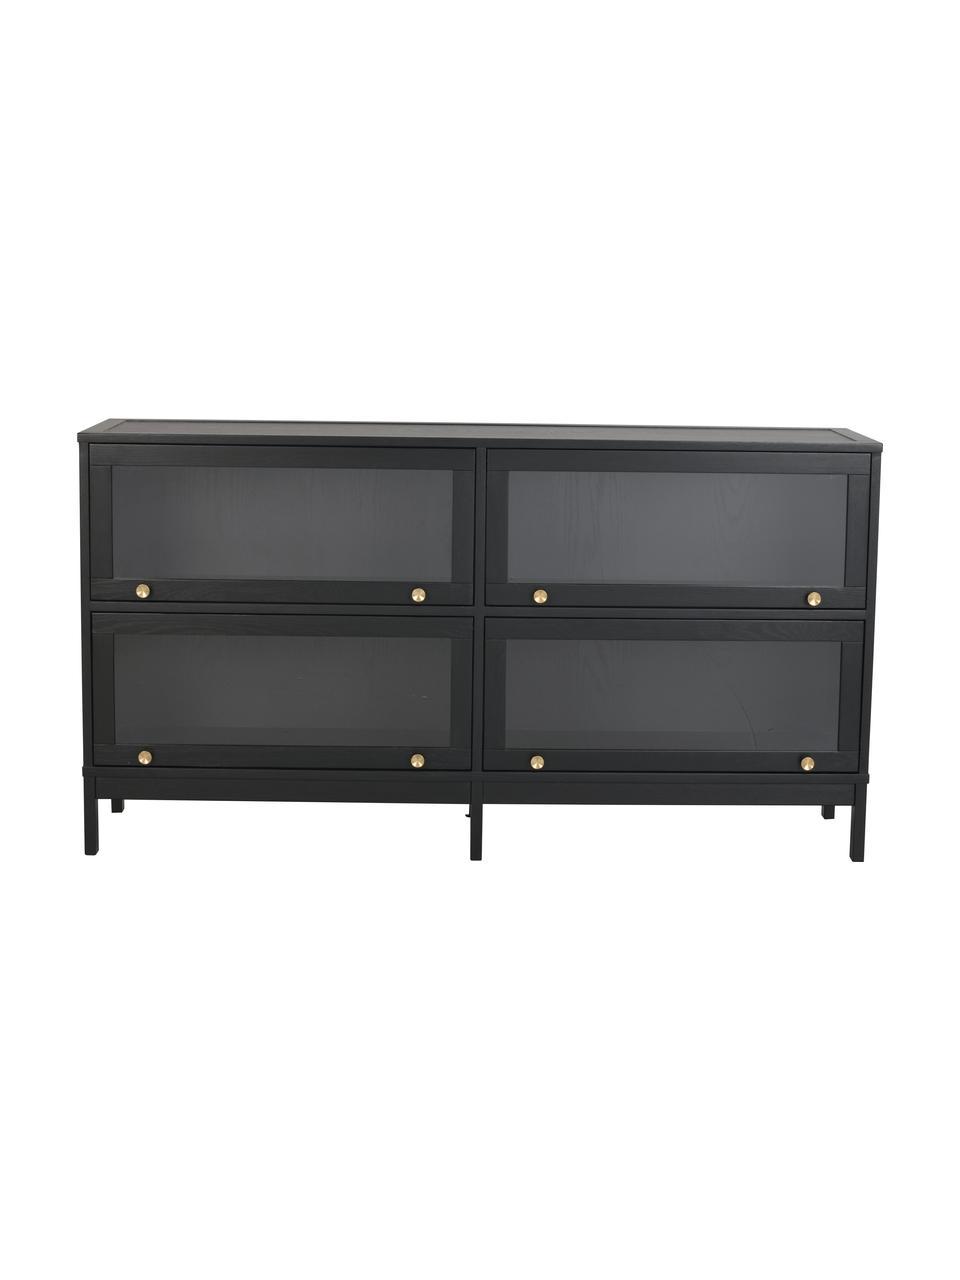 Sideboard Kilmore mit Glastüren in Schwarz, Griffe: Metall, lackiert, gebürst, Schwarz, 150 x 81 cm